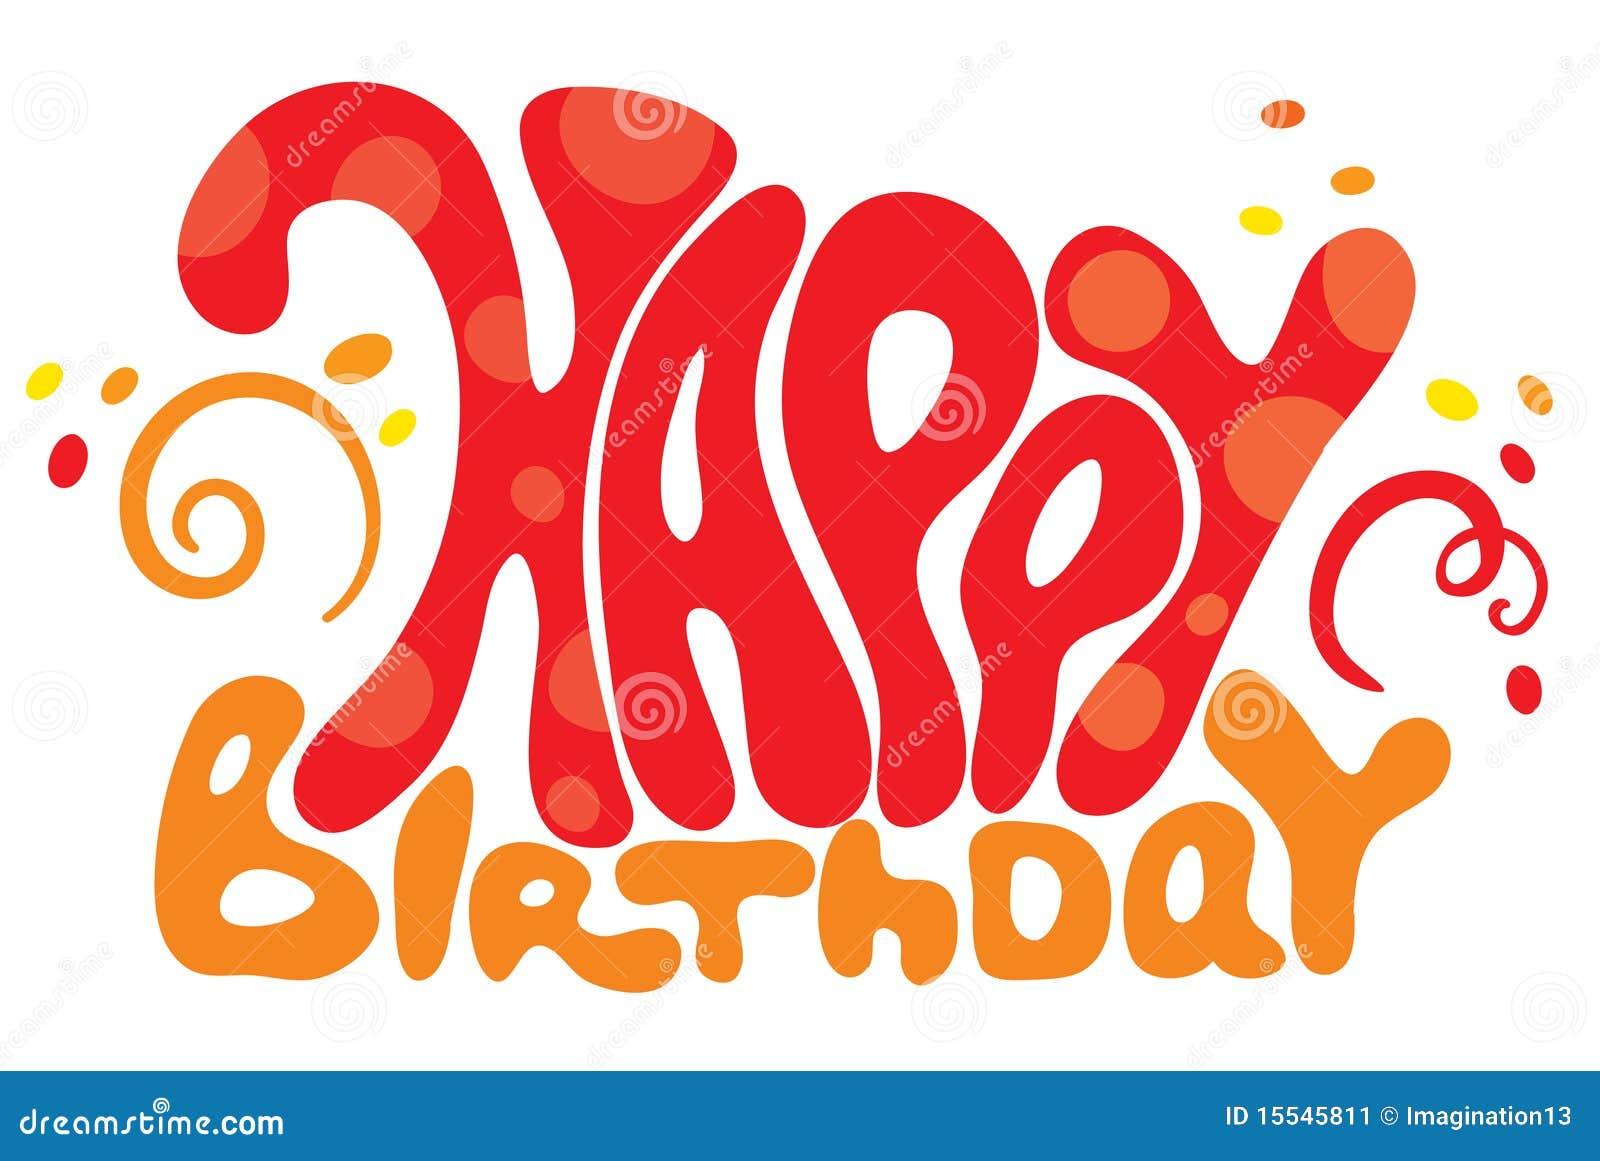 Russisch Geburtstagswünsche Herzlichen Glückwunsch Zum Geburtstag